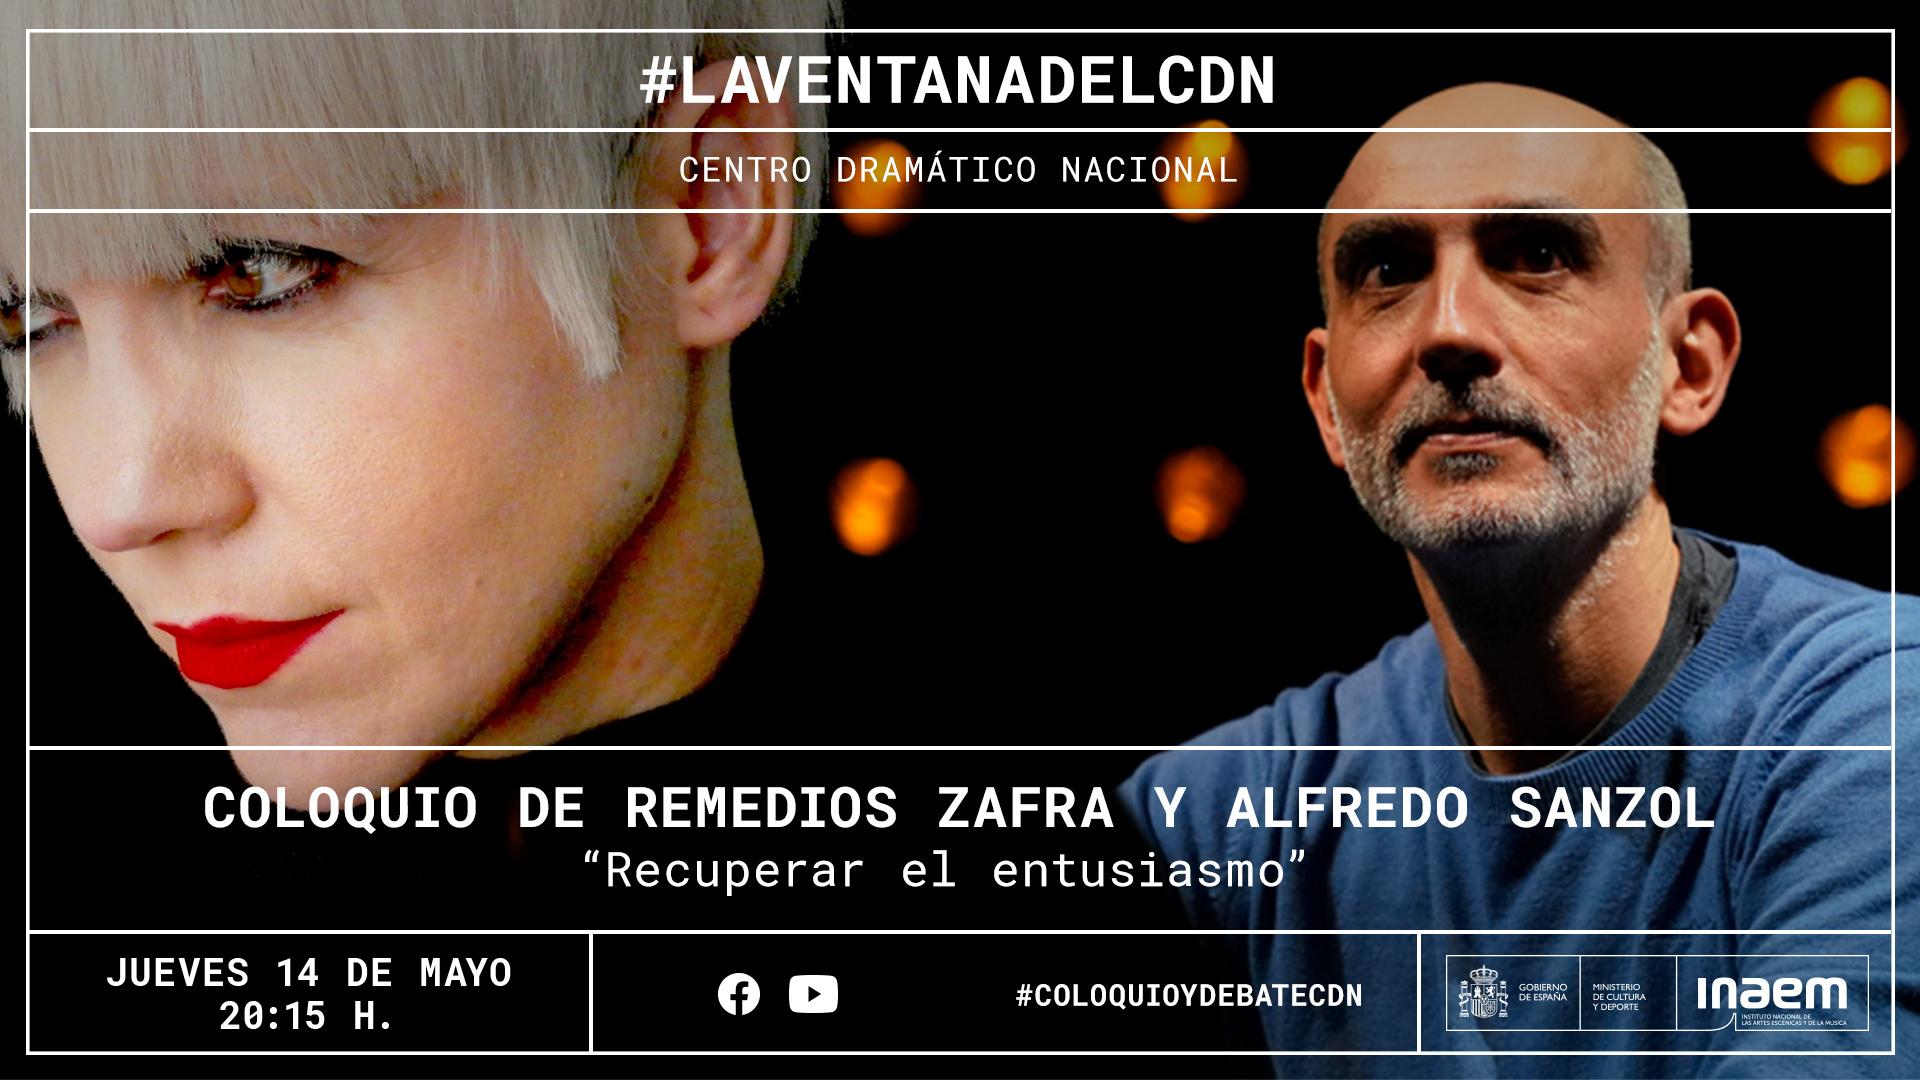 La ensayista Remedios Zafra dialoga con Alfredo Sanzol sobre el entusiasmo en la creación